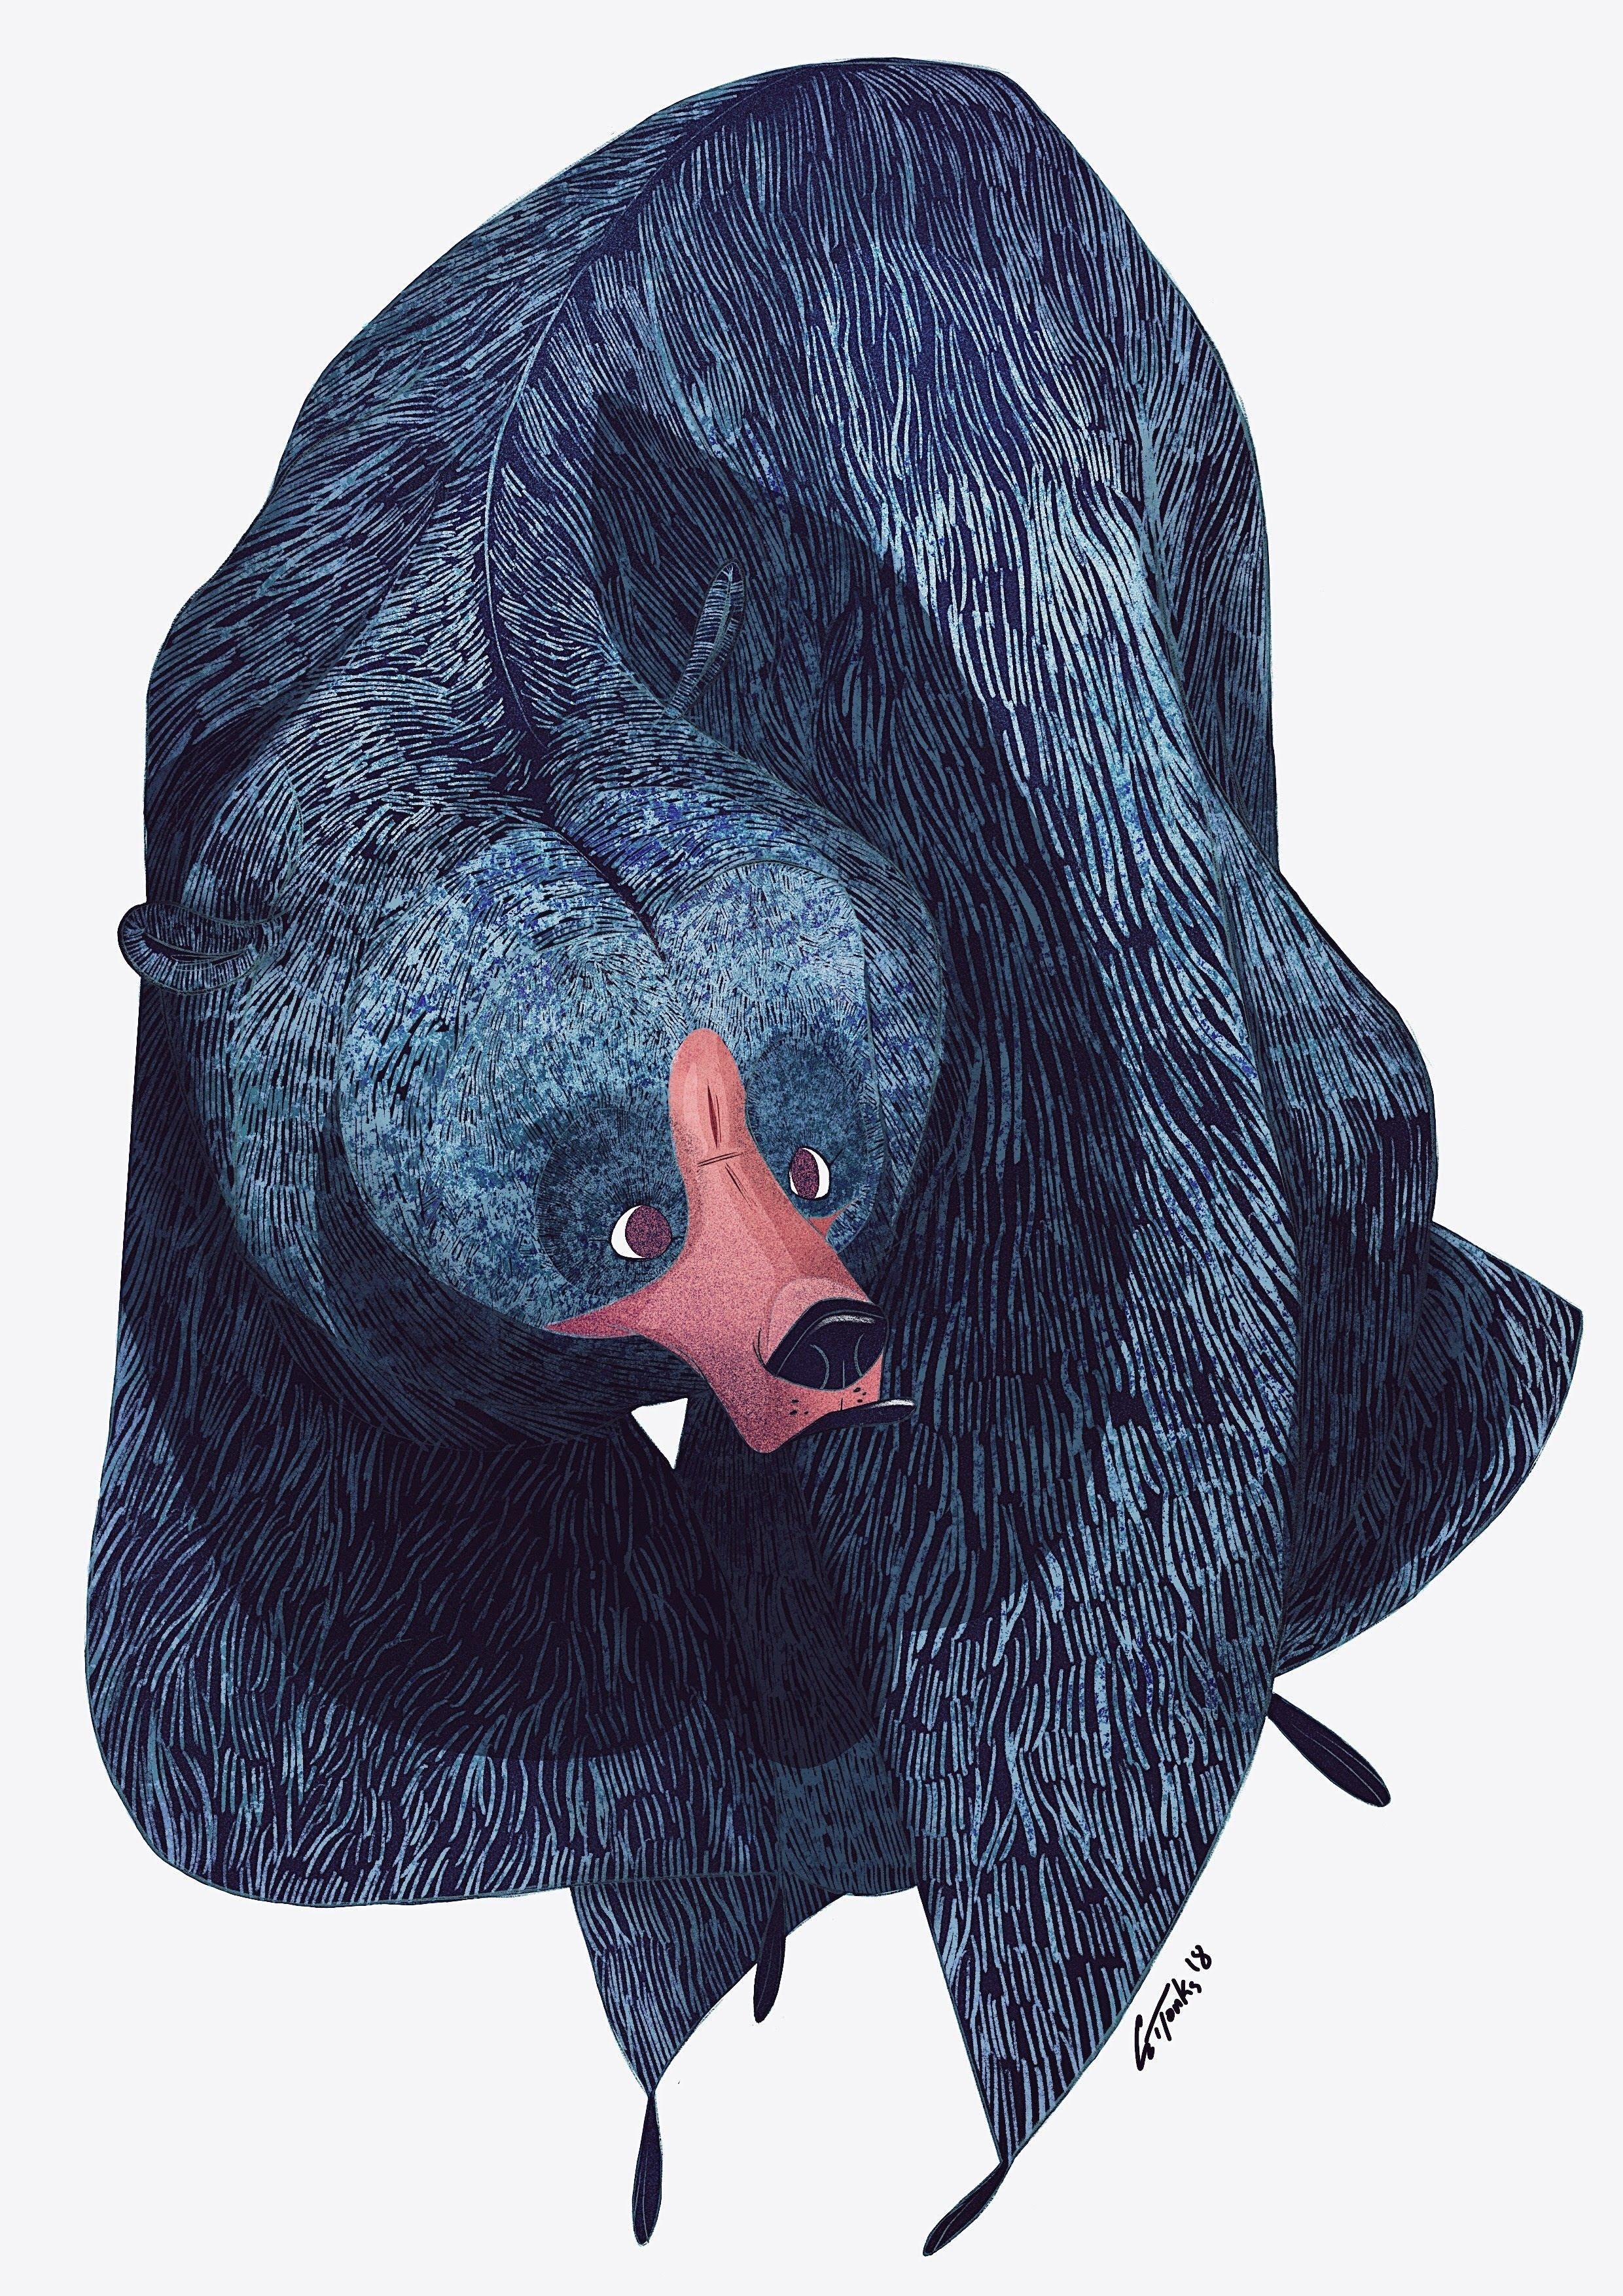 bear illustration george tonks